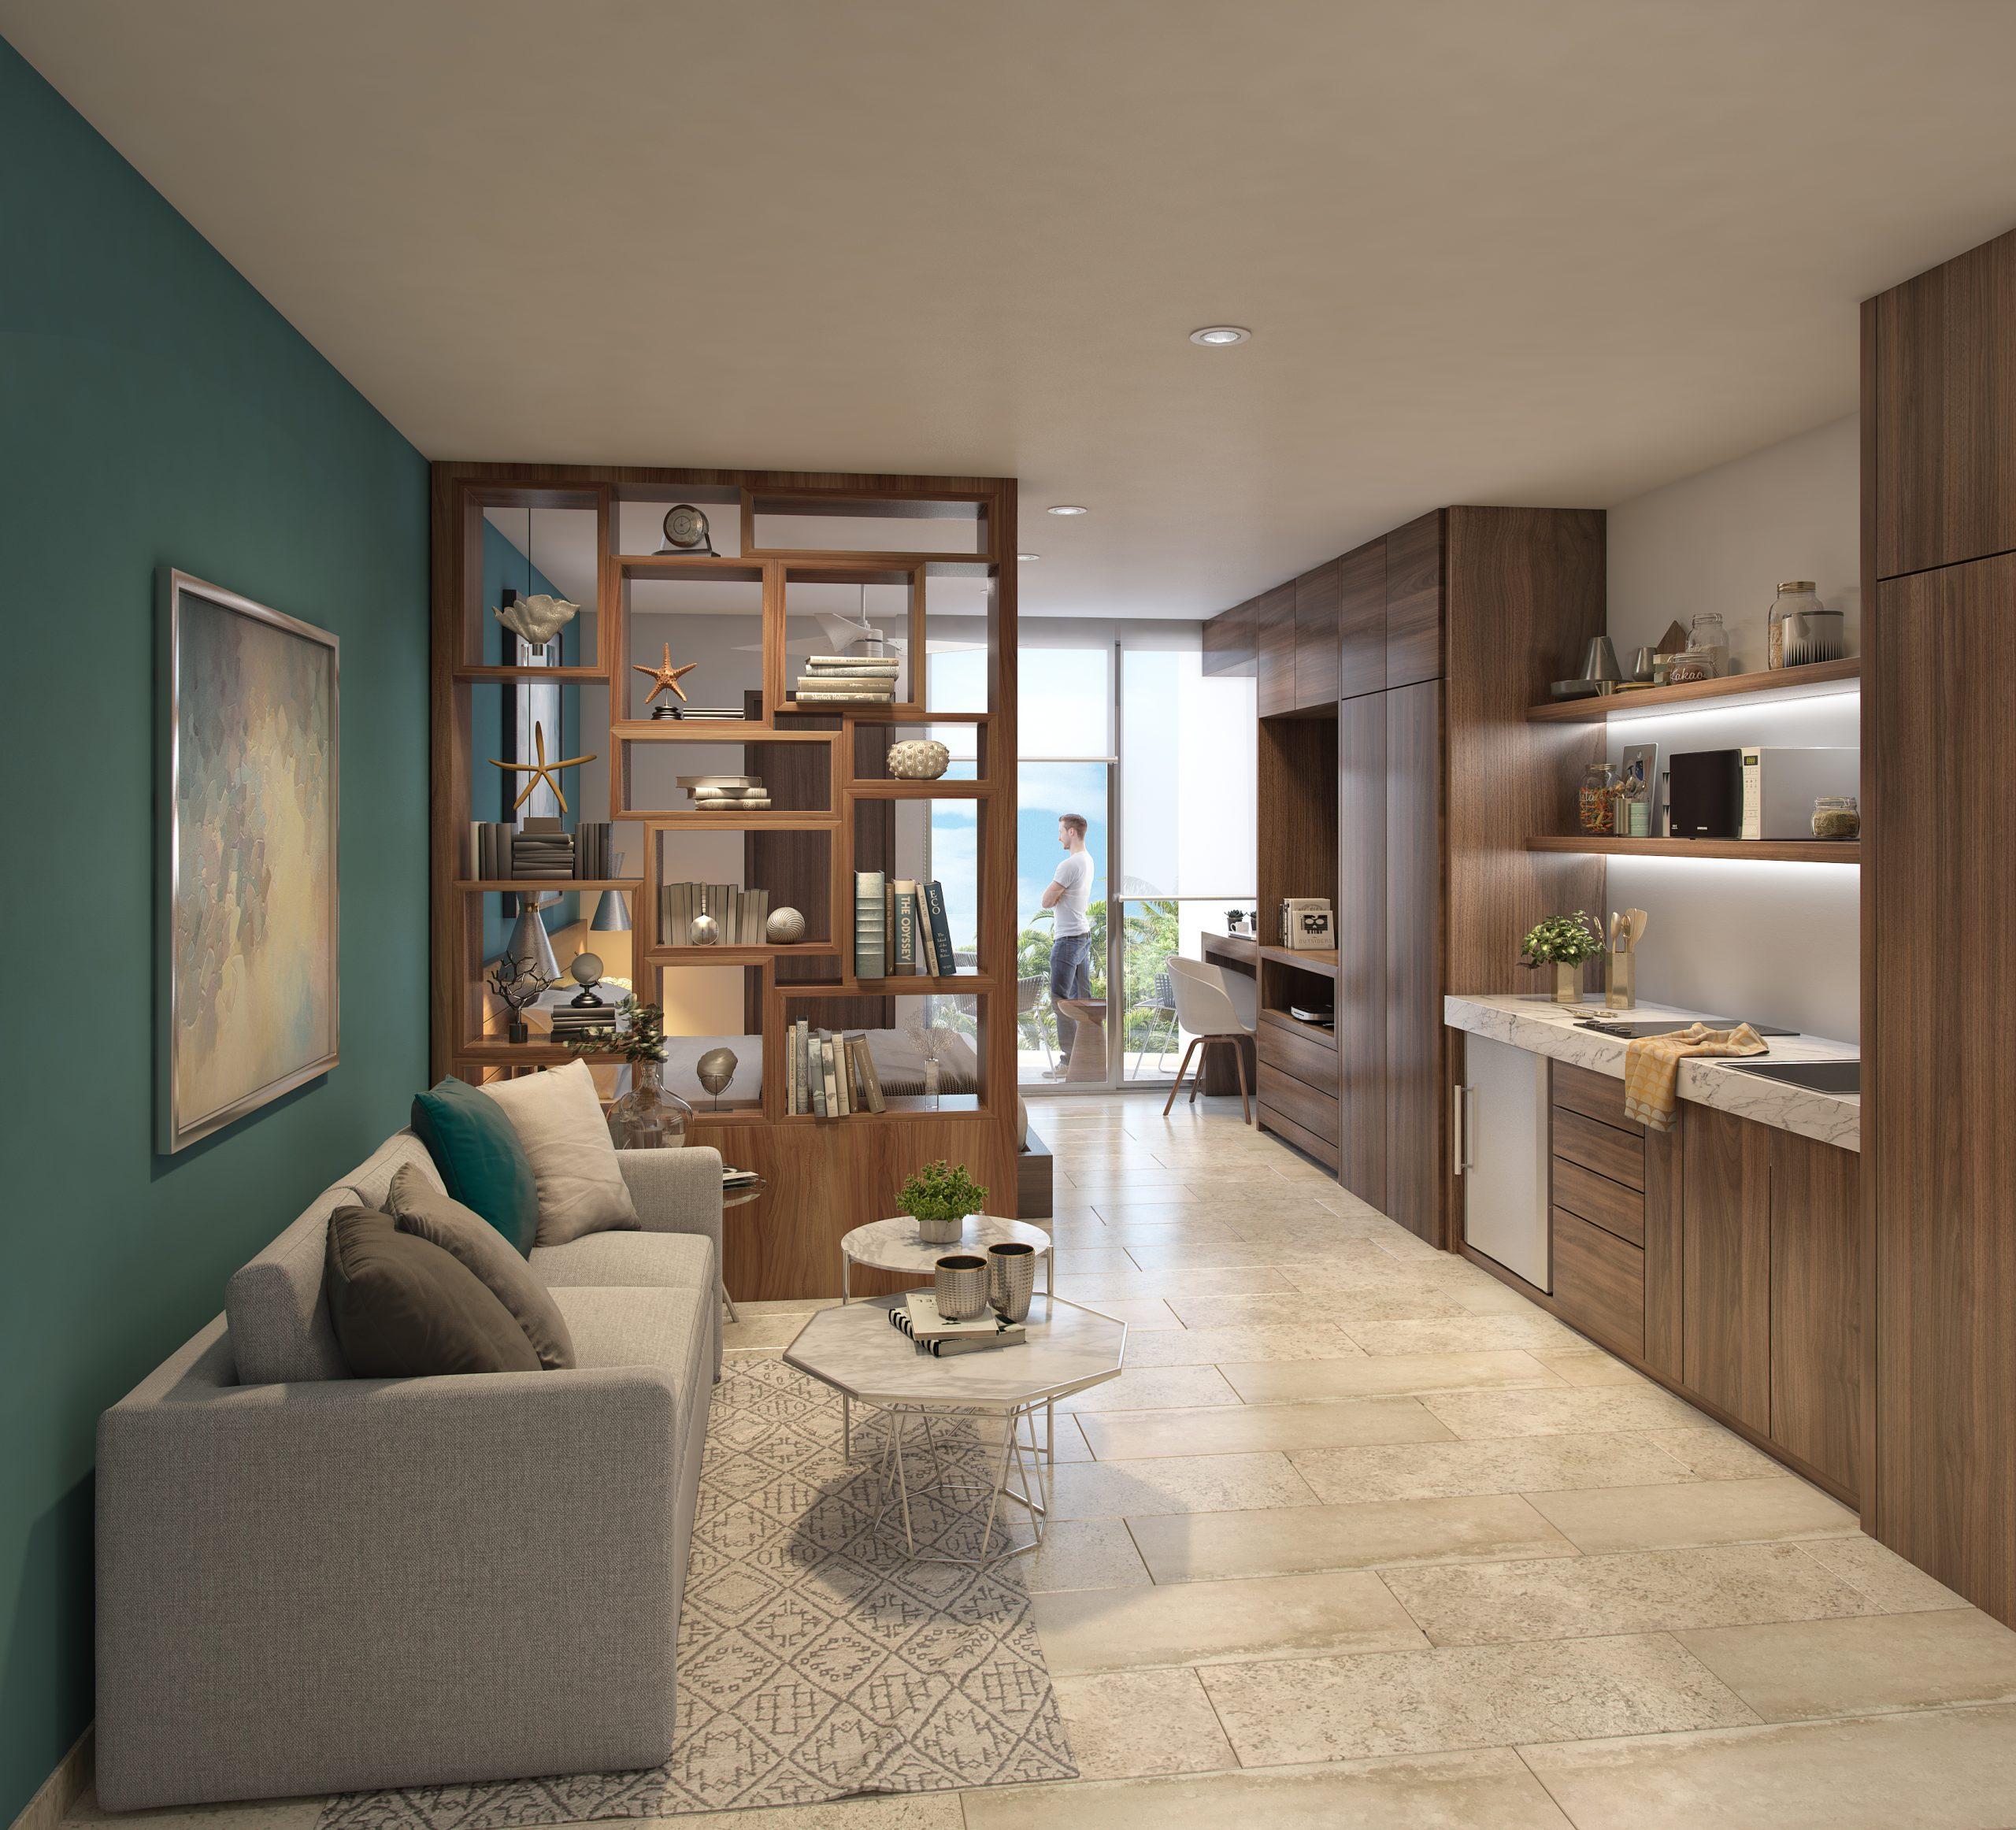 03 - DEPARTAMENTO 202 - PIEDRA AZULL - Pelicano Properties - Playa del Carmen